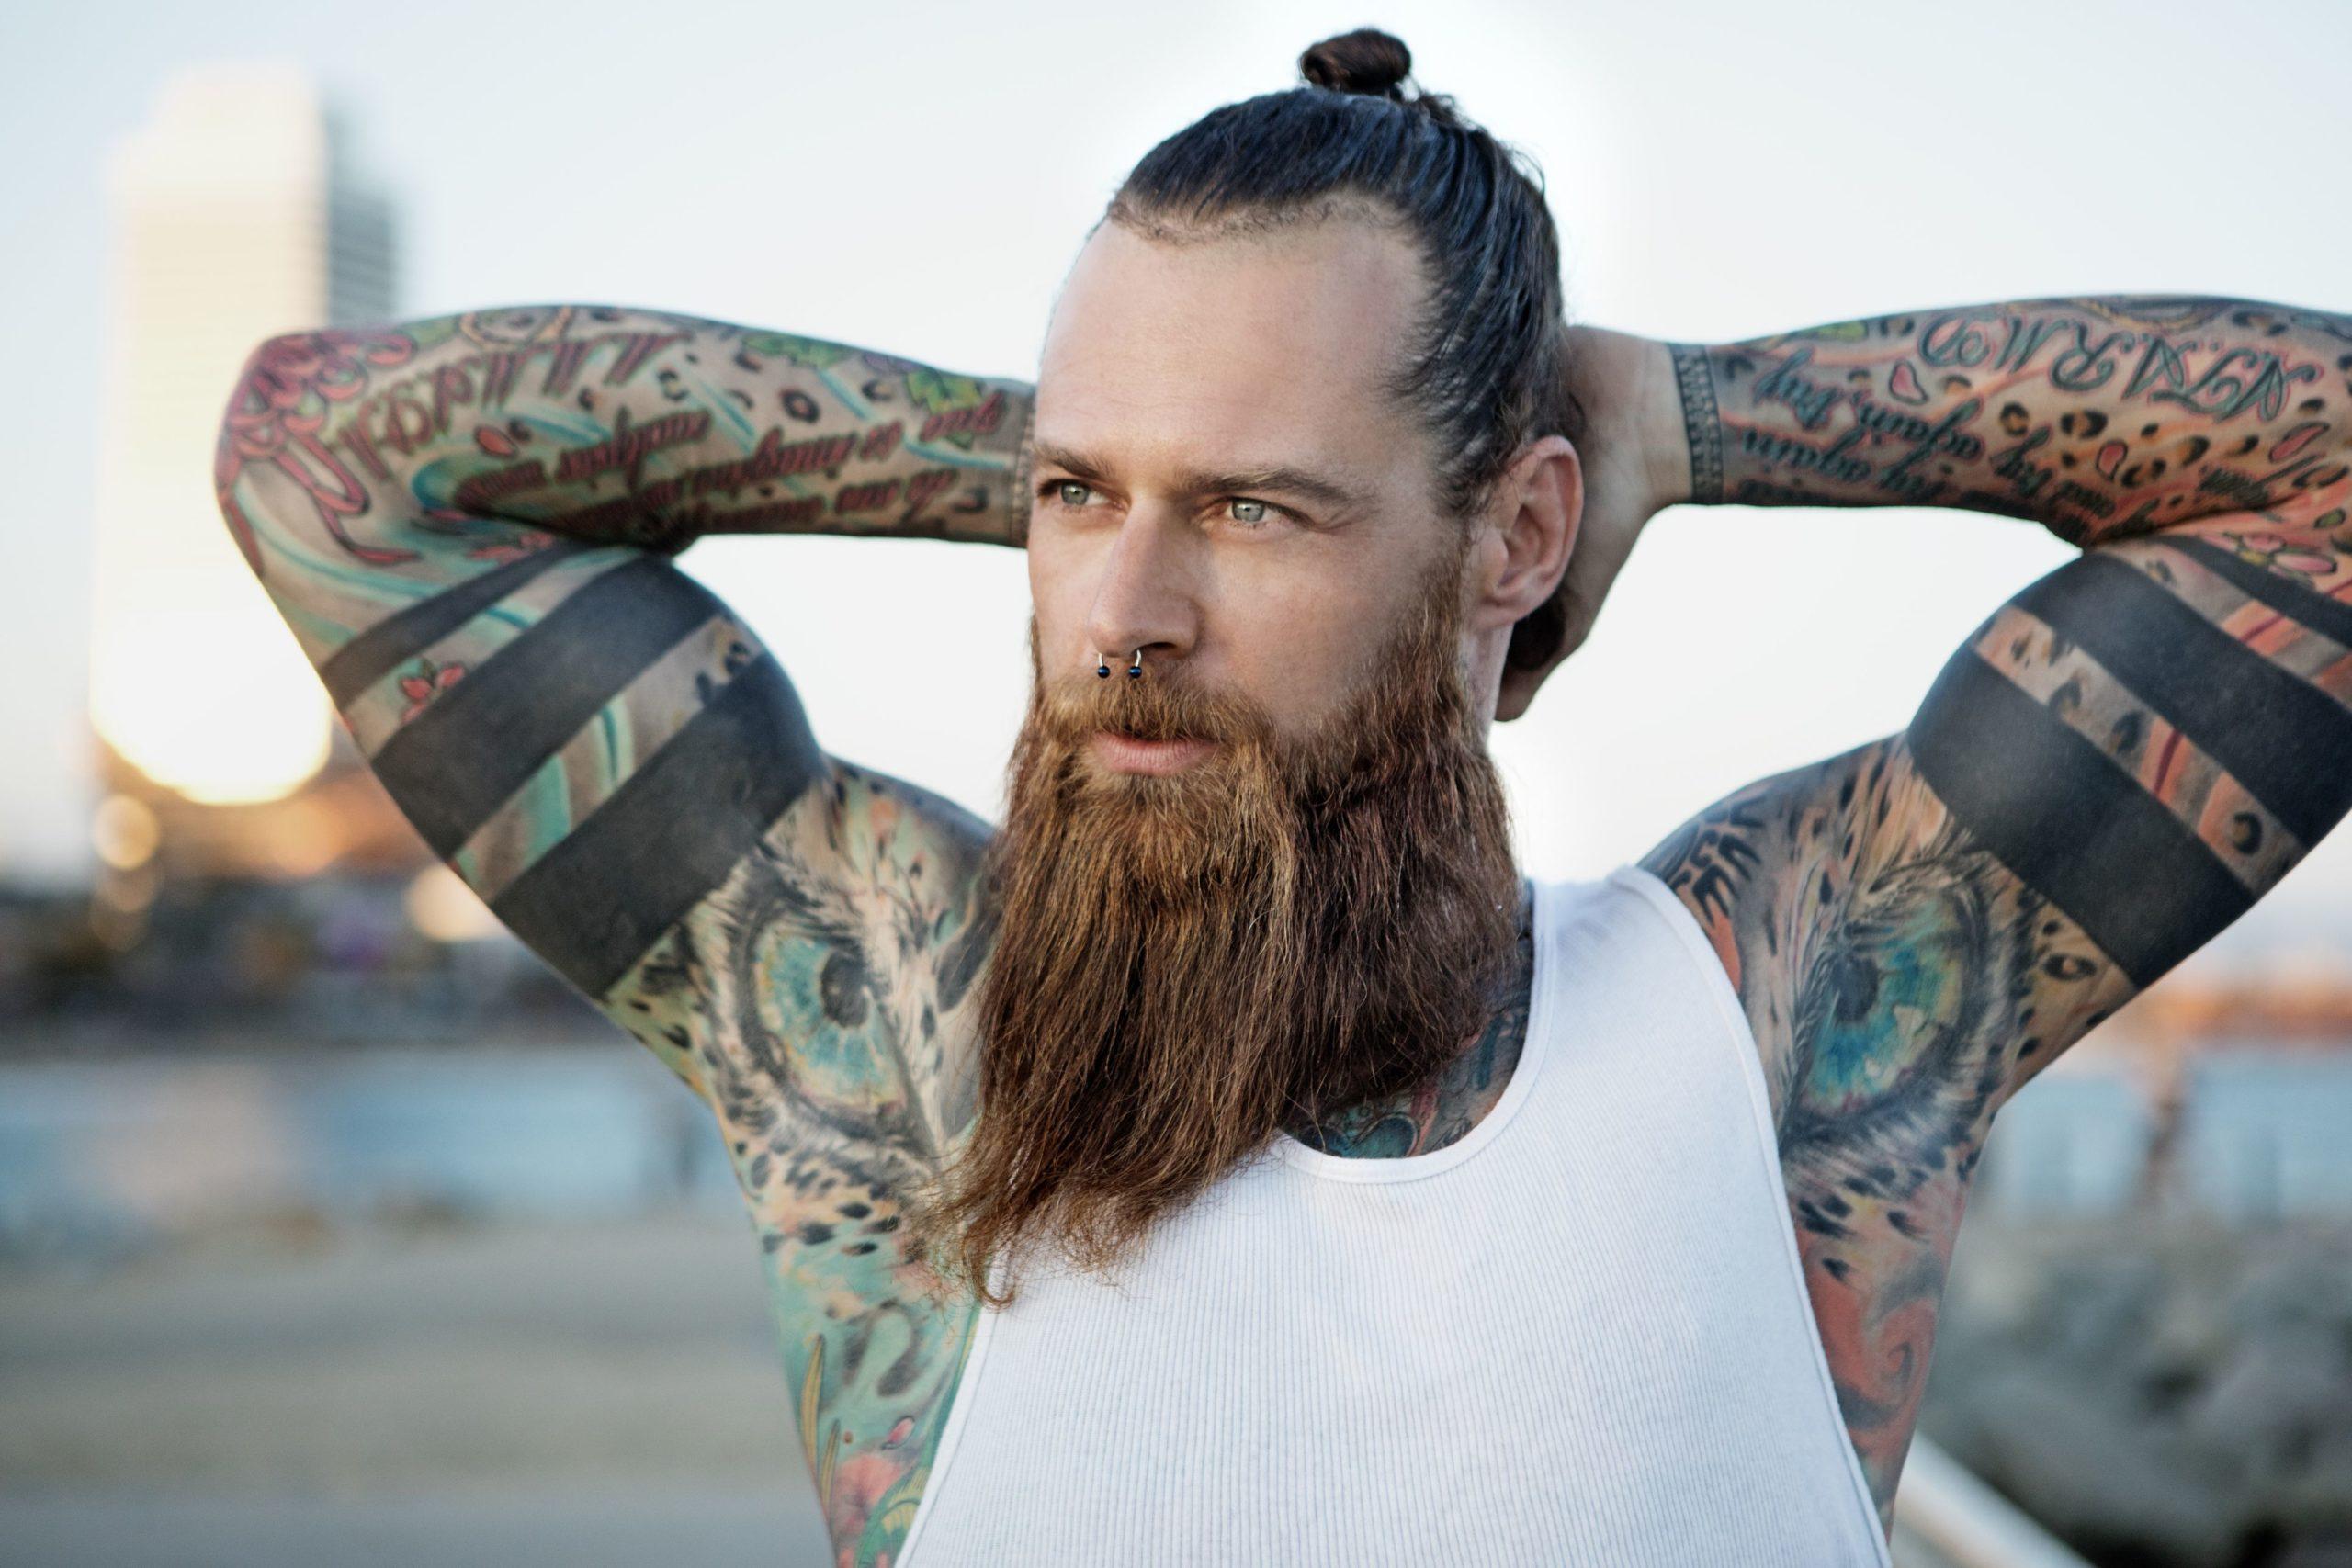 tatuaggi protezione cura estate sole